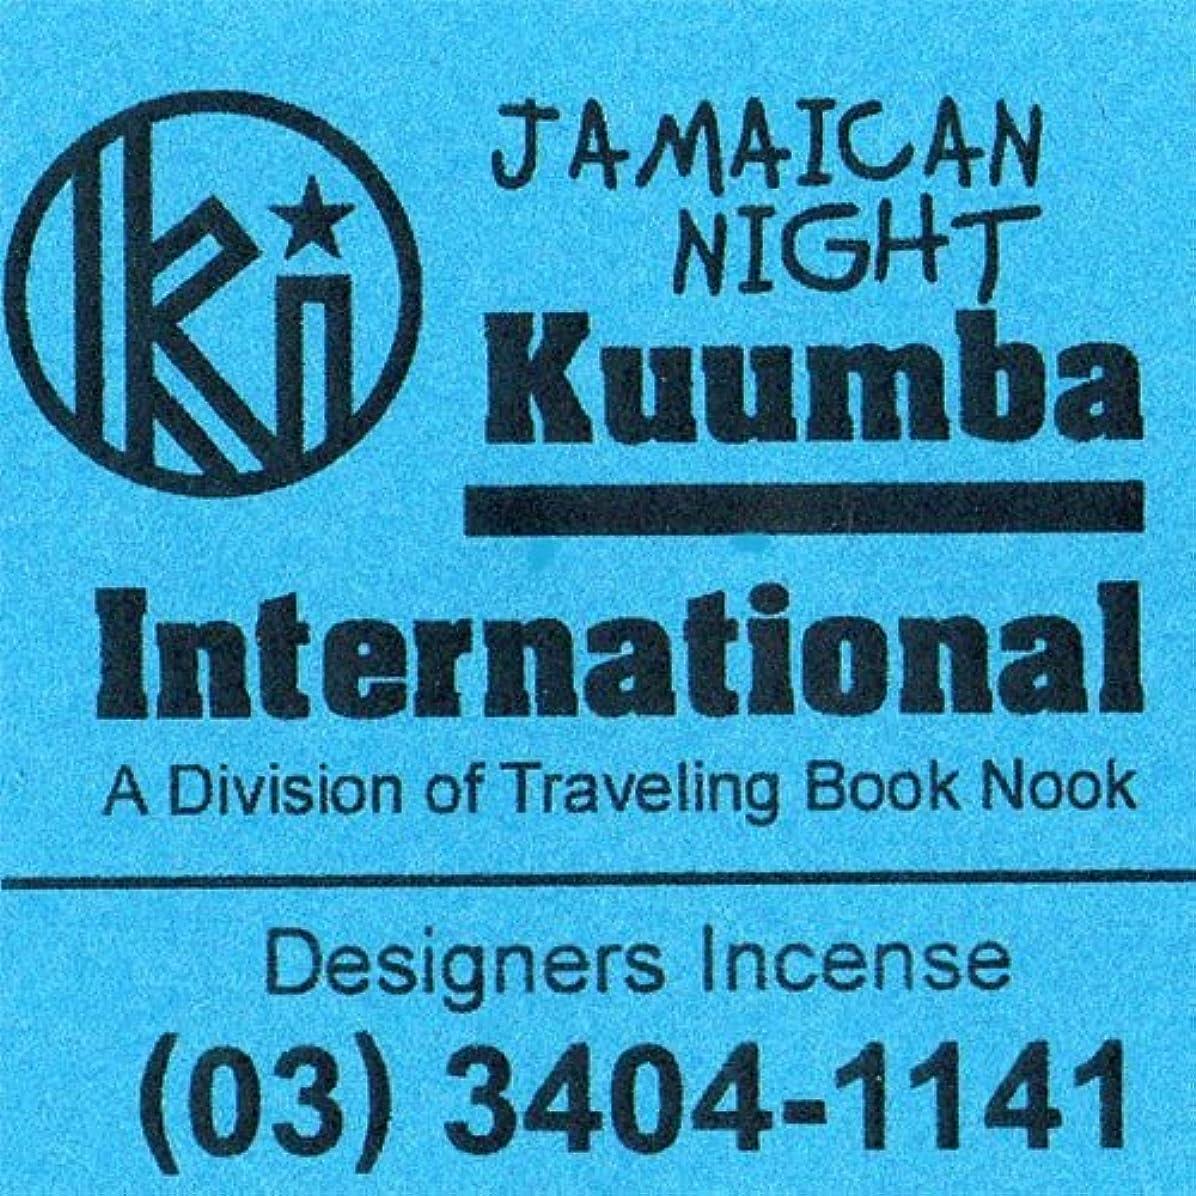 翻訳する数学者スキームKUUMBA / クンバ『incense』(JAMAICAN NIGHT) (Regular size)